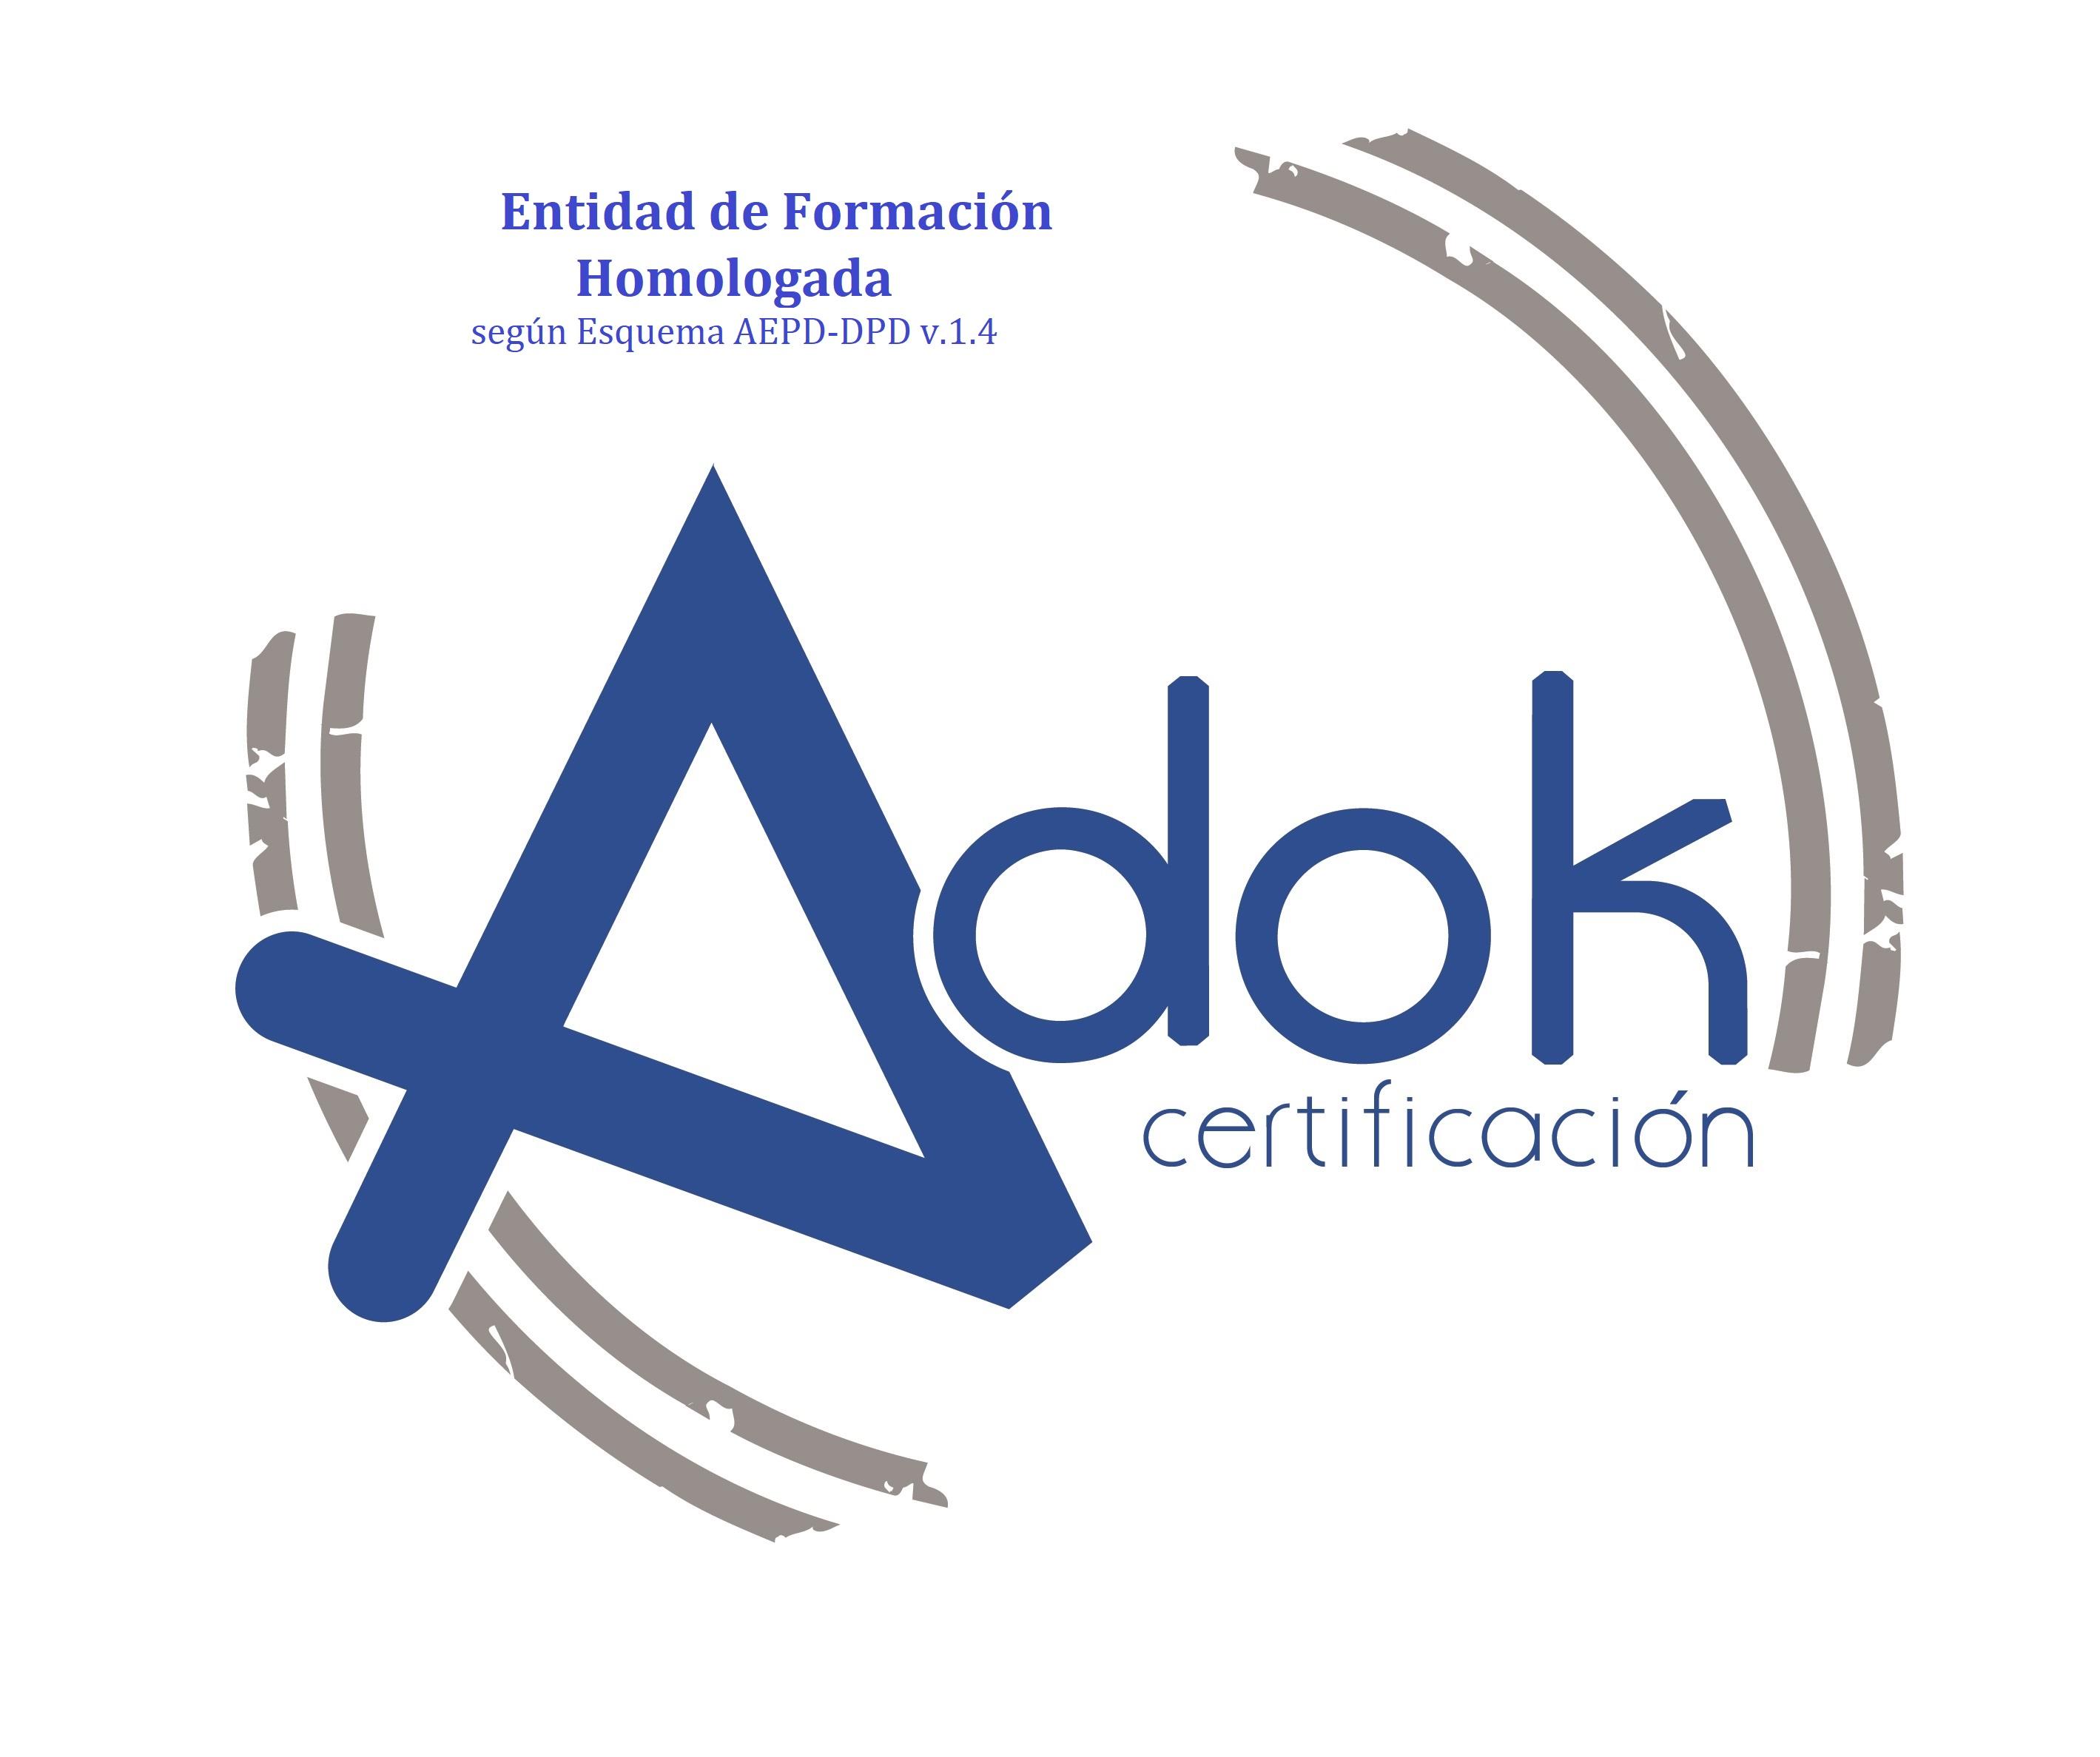 logo entidad certificadora